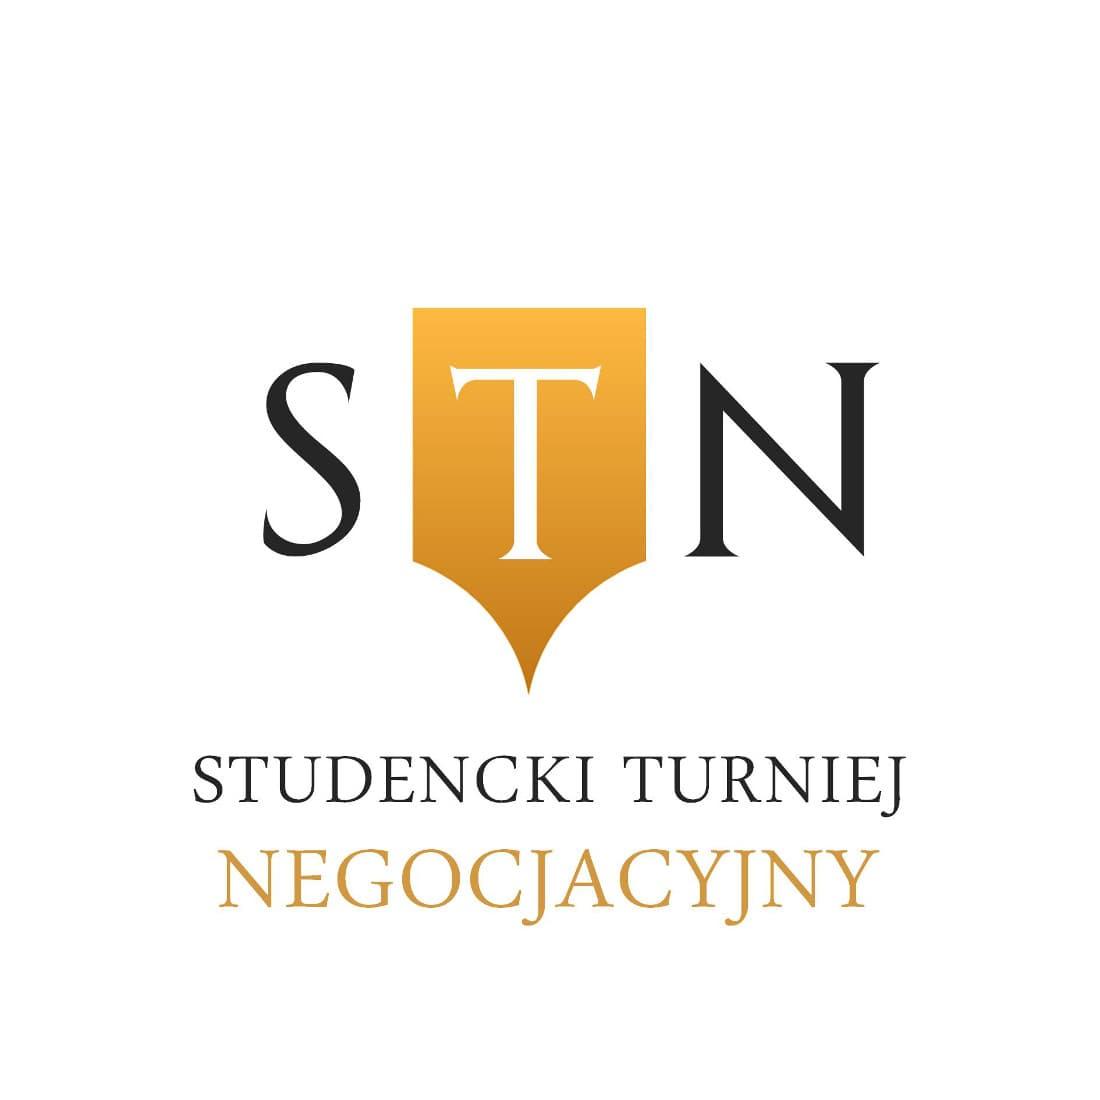 Studencki Turniej Negocjacyjny odbędzie się w dniach 30-31 marca 2019 roku.